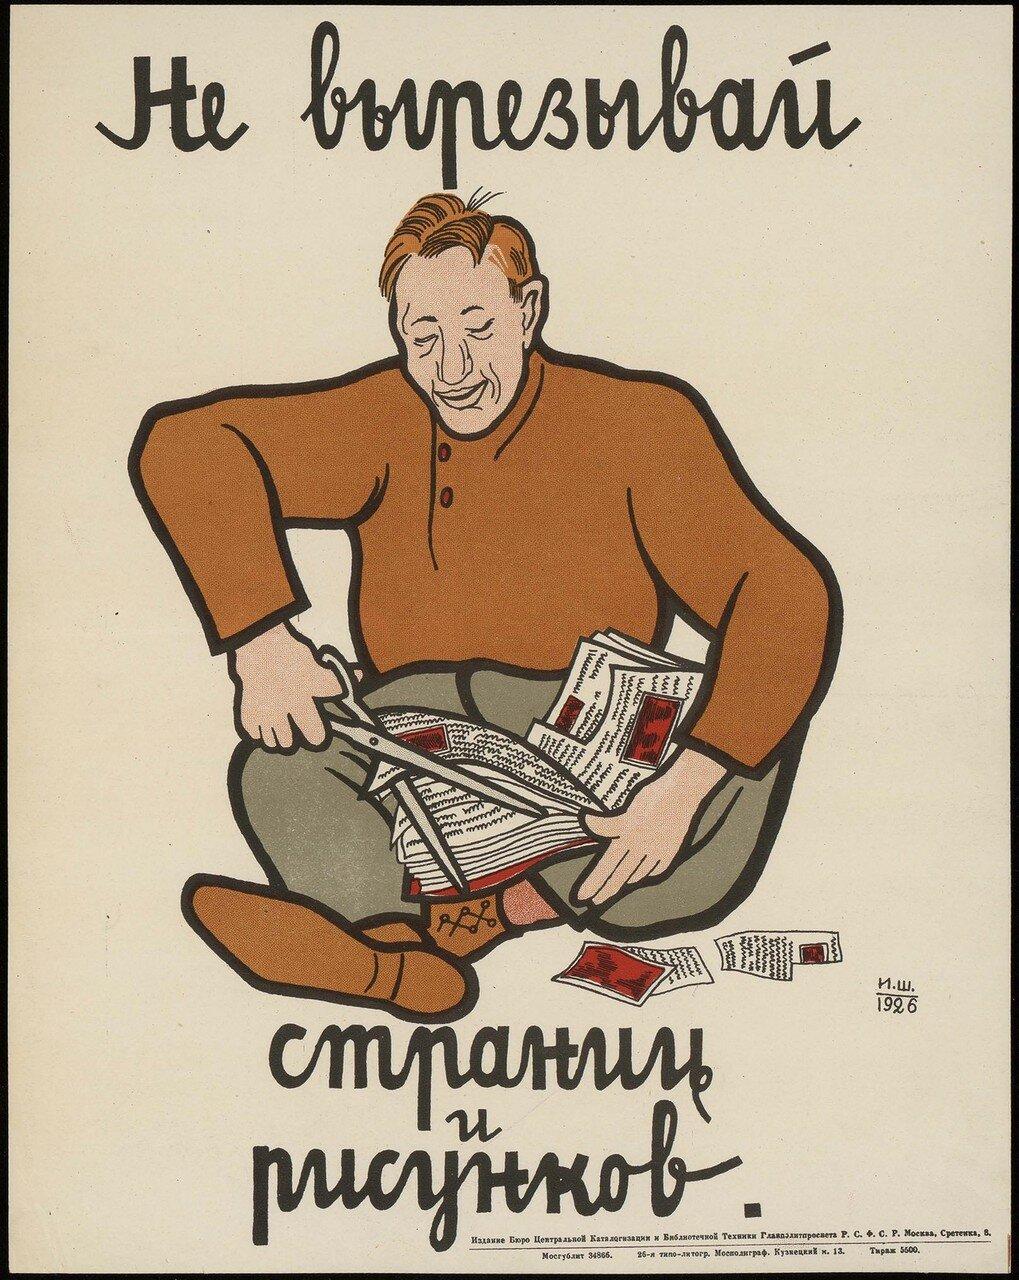 1926. Не вырезывай страниц и рисунков